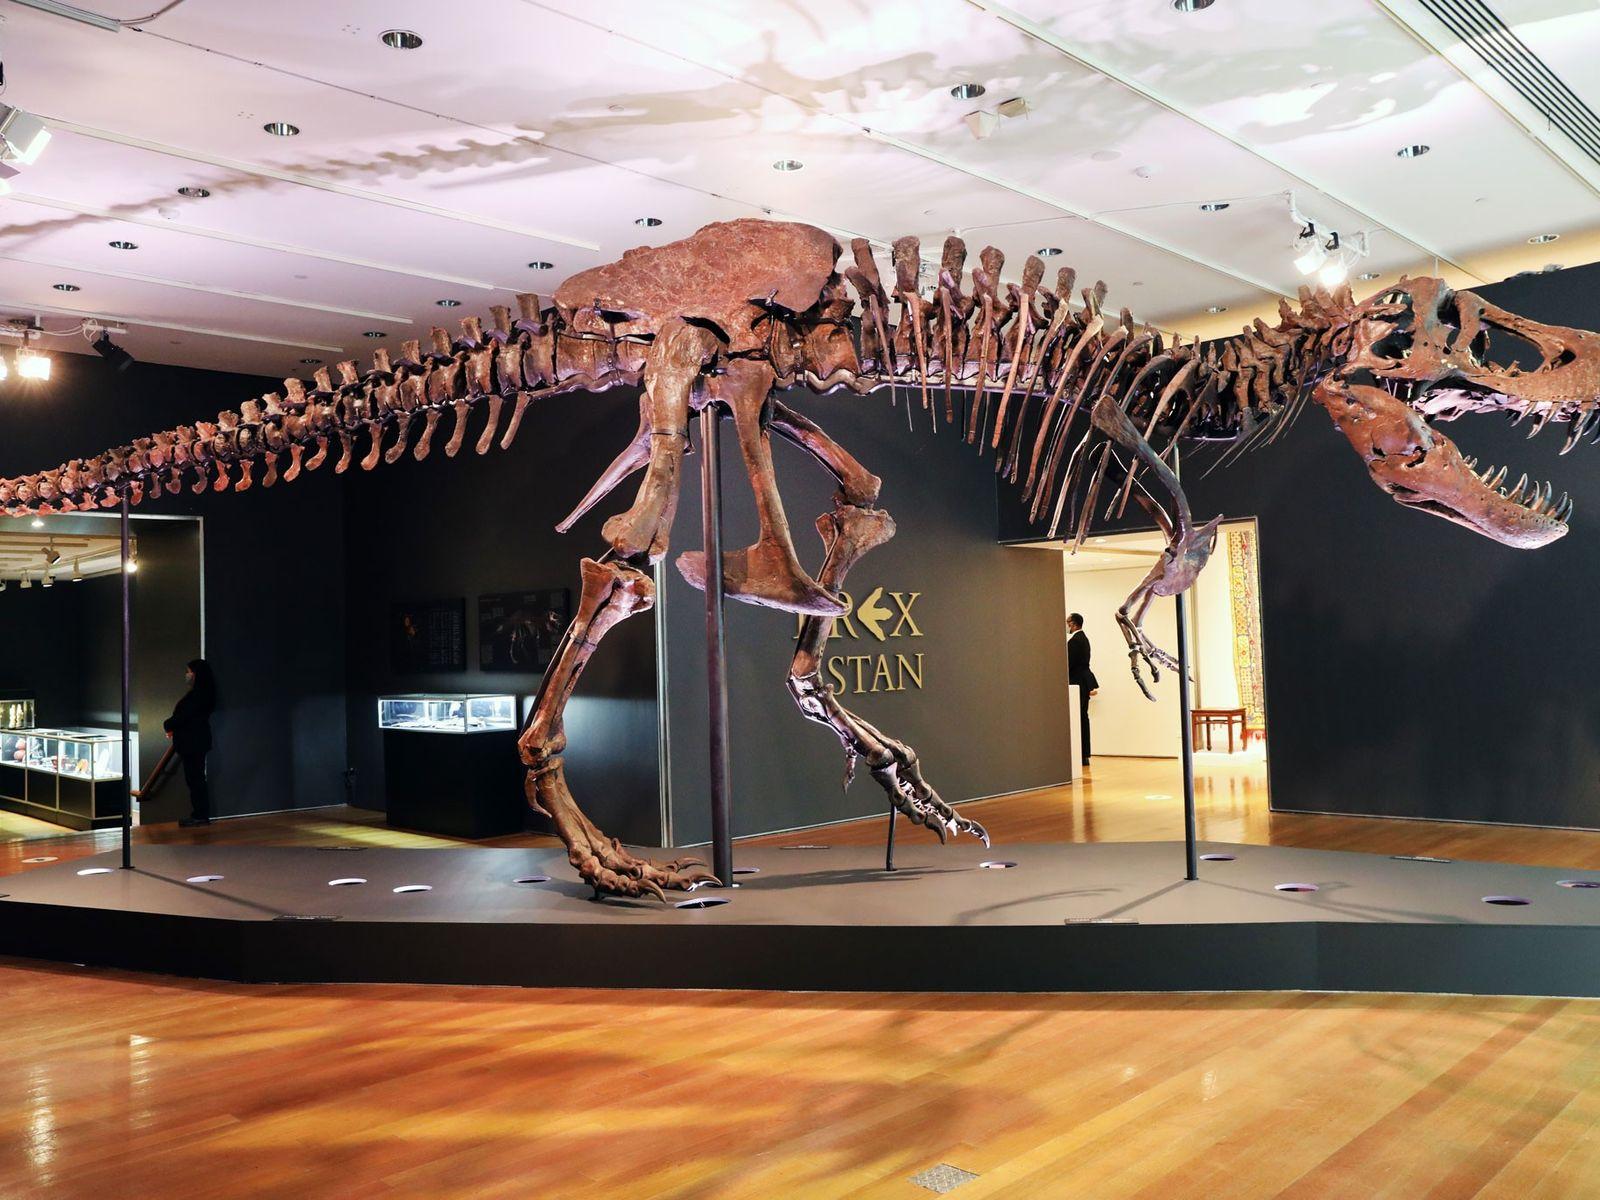 O fóssil de Tyrannosaurus rex conhecido como Stan exibido em uma galeria na casa de leilões Christie's, ...